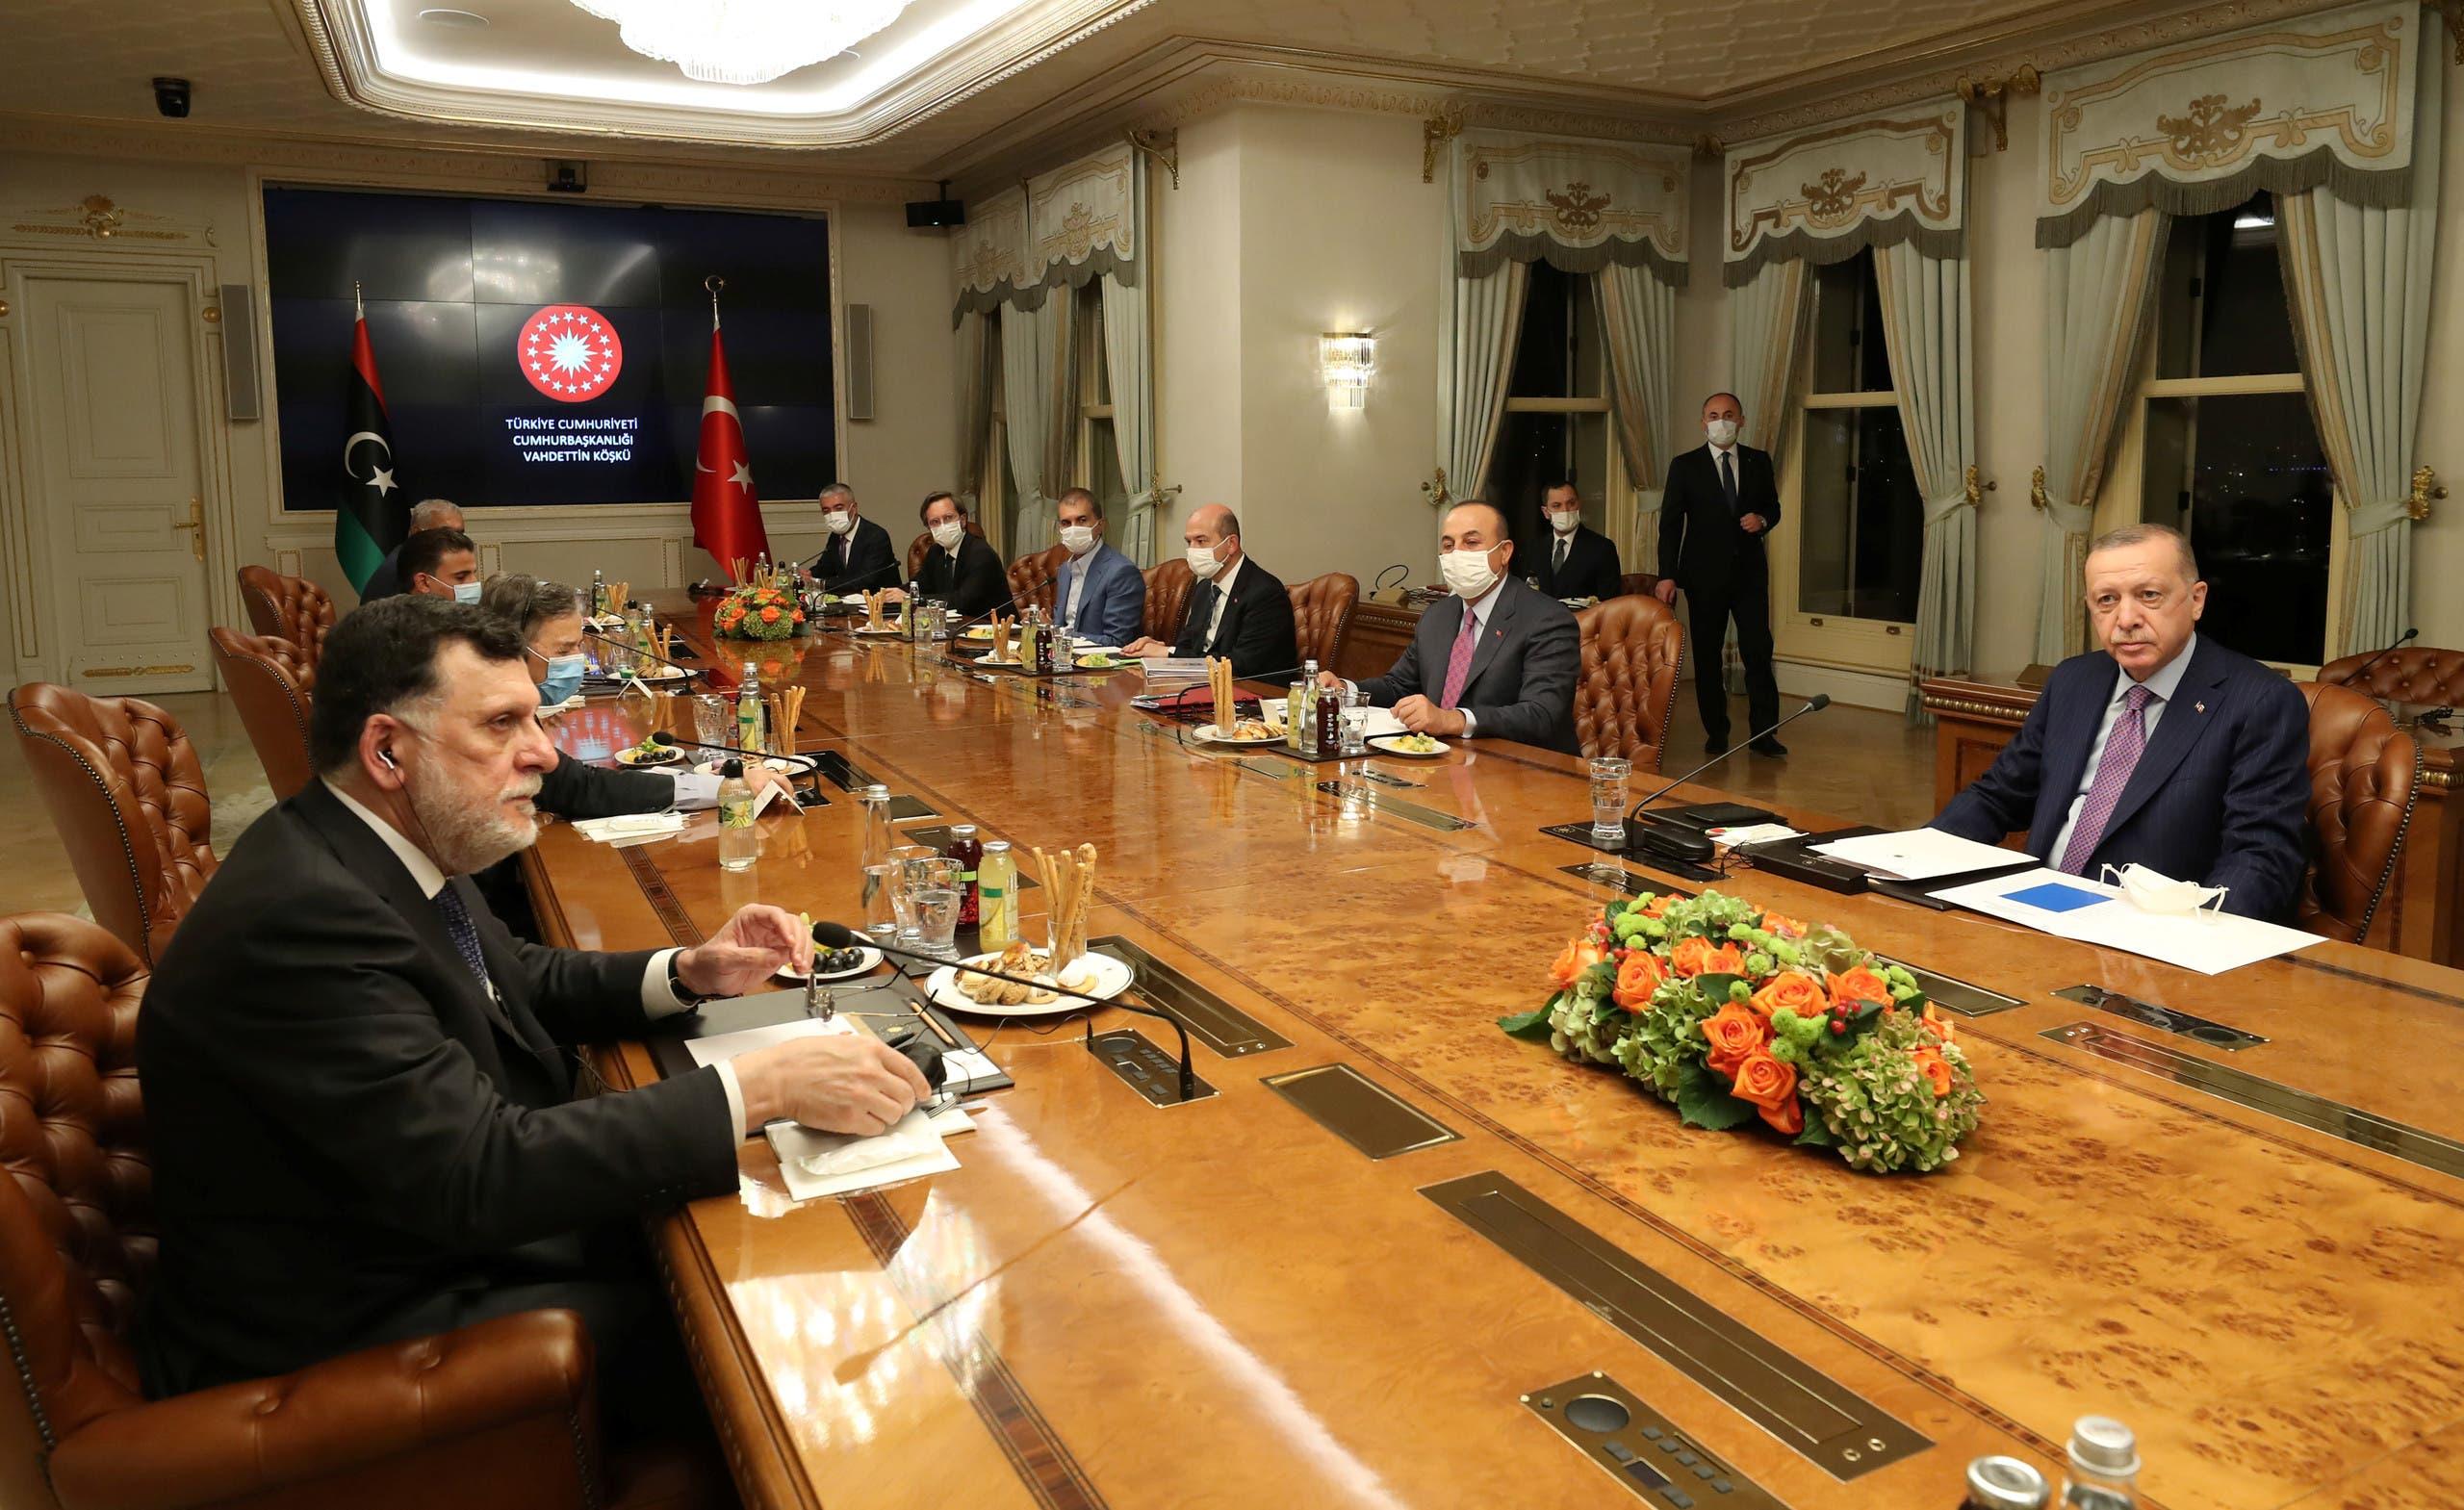 زيارة سابقة للسراج إلى تركيا في أكتوبر الماضي